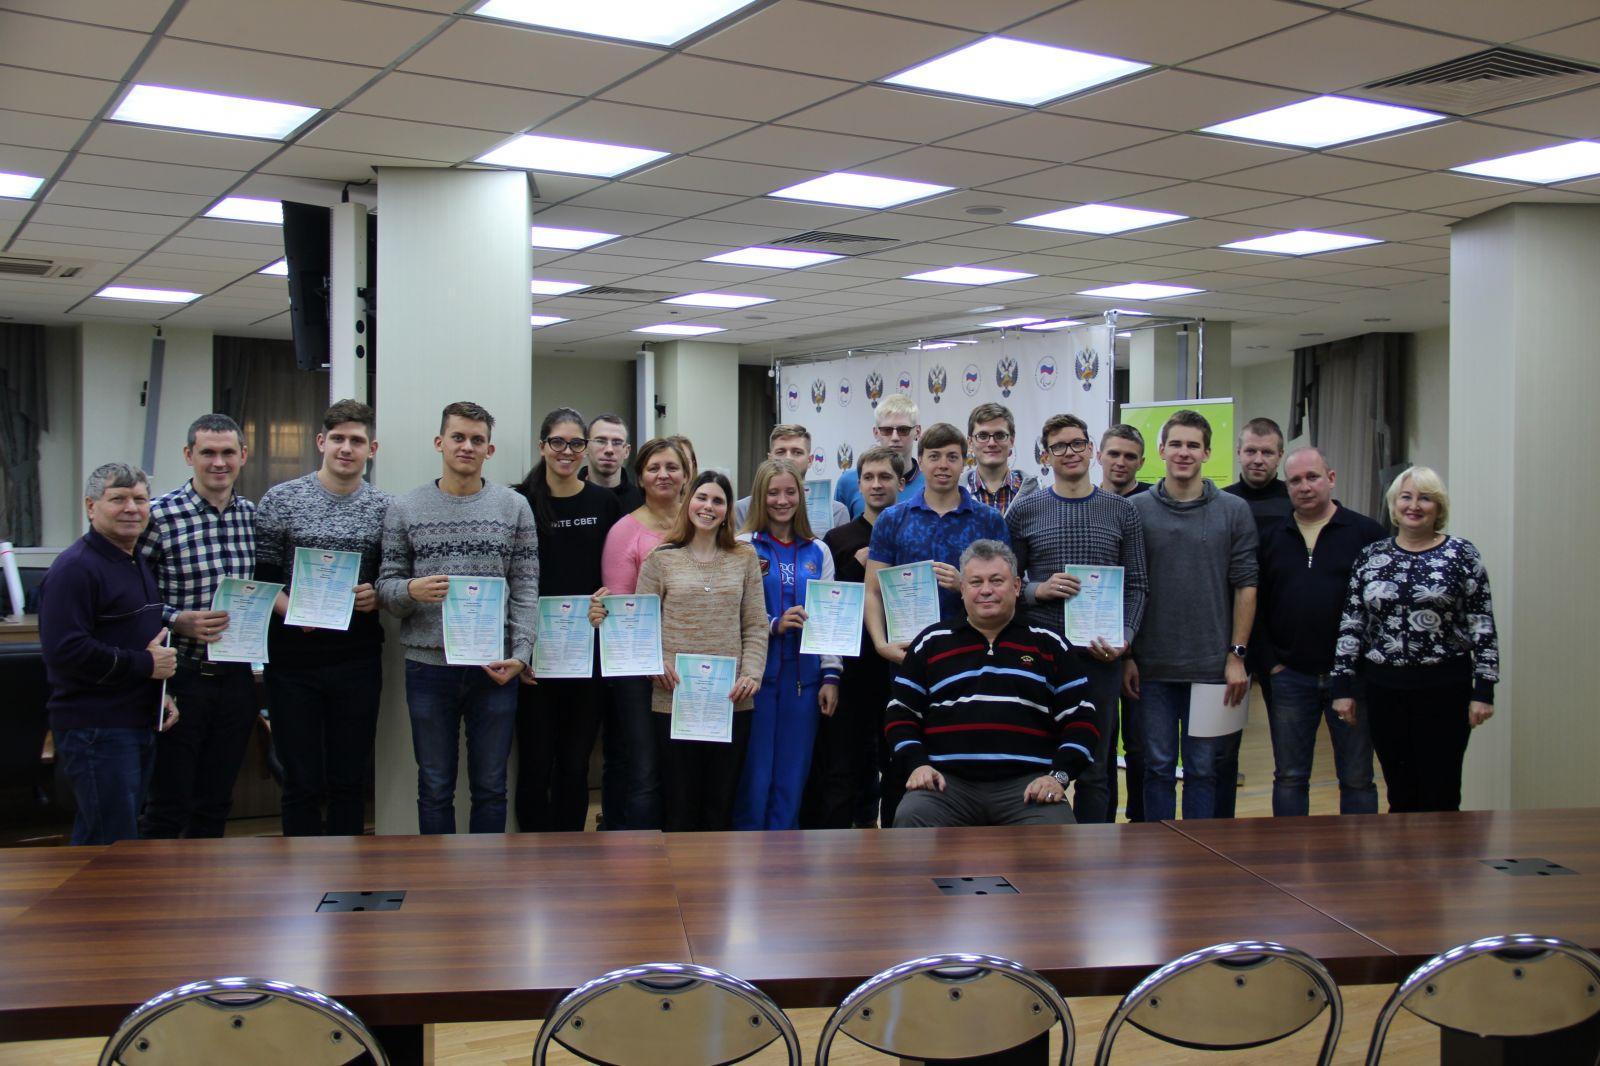 ПКР в г. Москве в офисе ПКР провел Антидопинговый семинар для членов сборной команды России по плаванию спорта слепых и спорта лиц с ПОДА